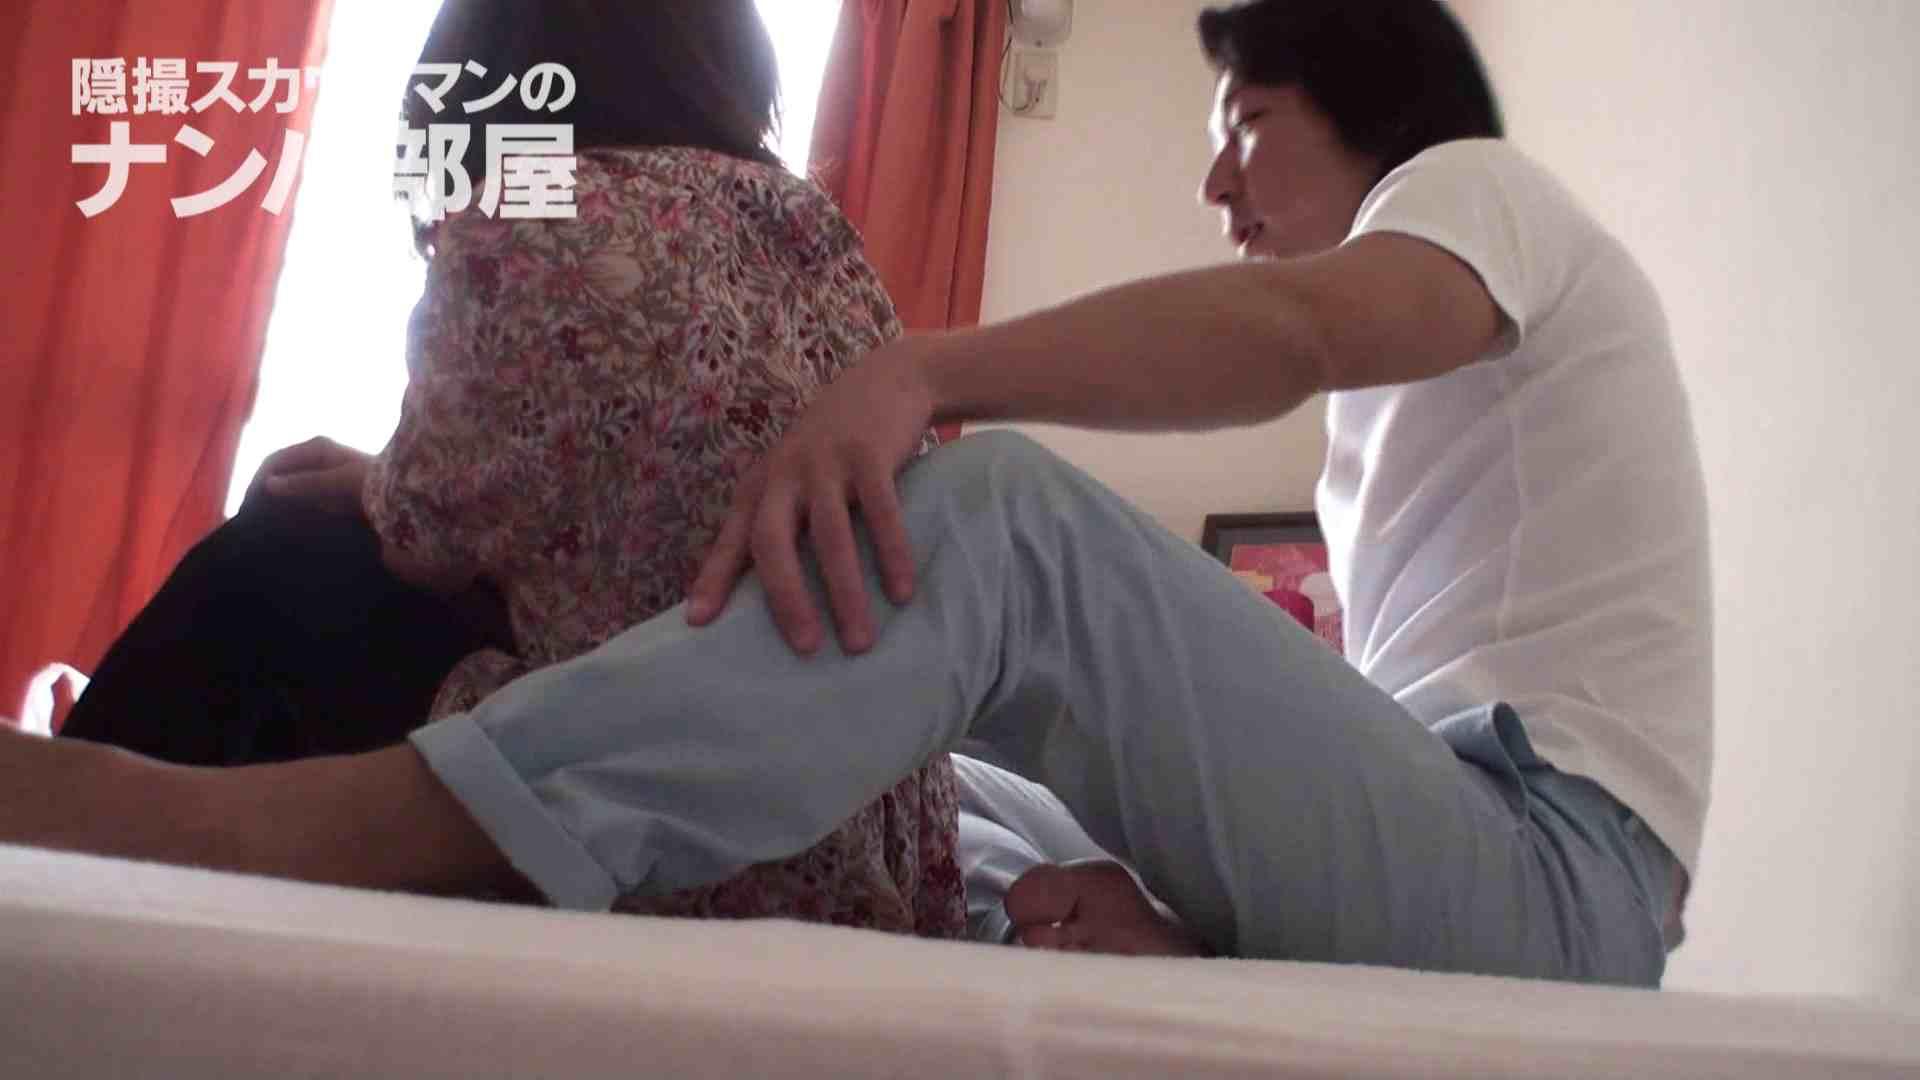 隠撮スカウトマンのナンパ部屋~風俗デビュー前のつまみ食い~ sii 隠撮  98pic 21